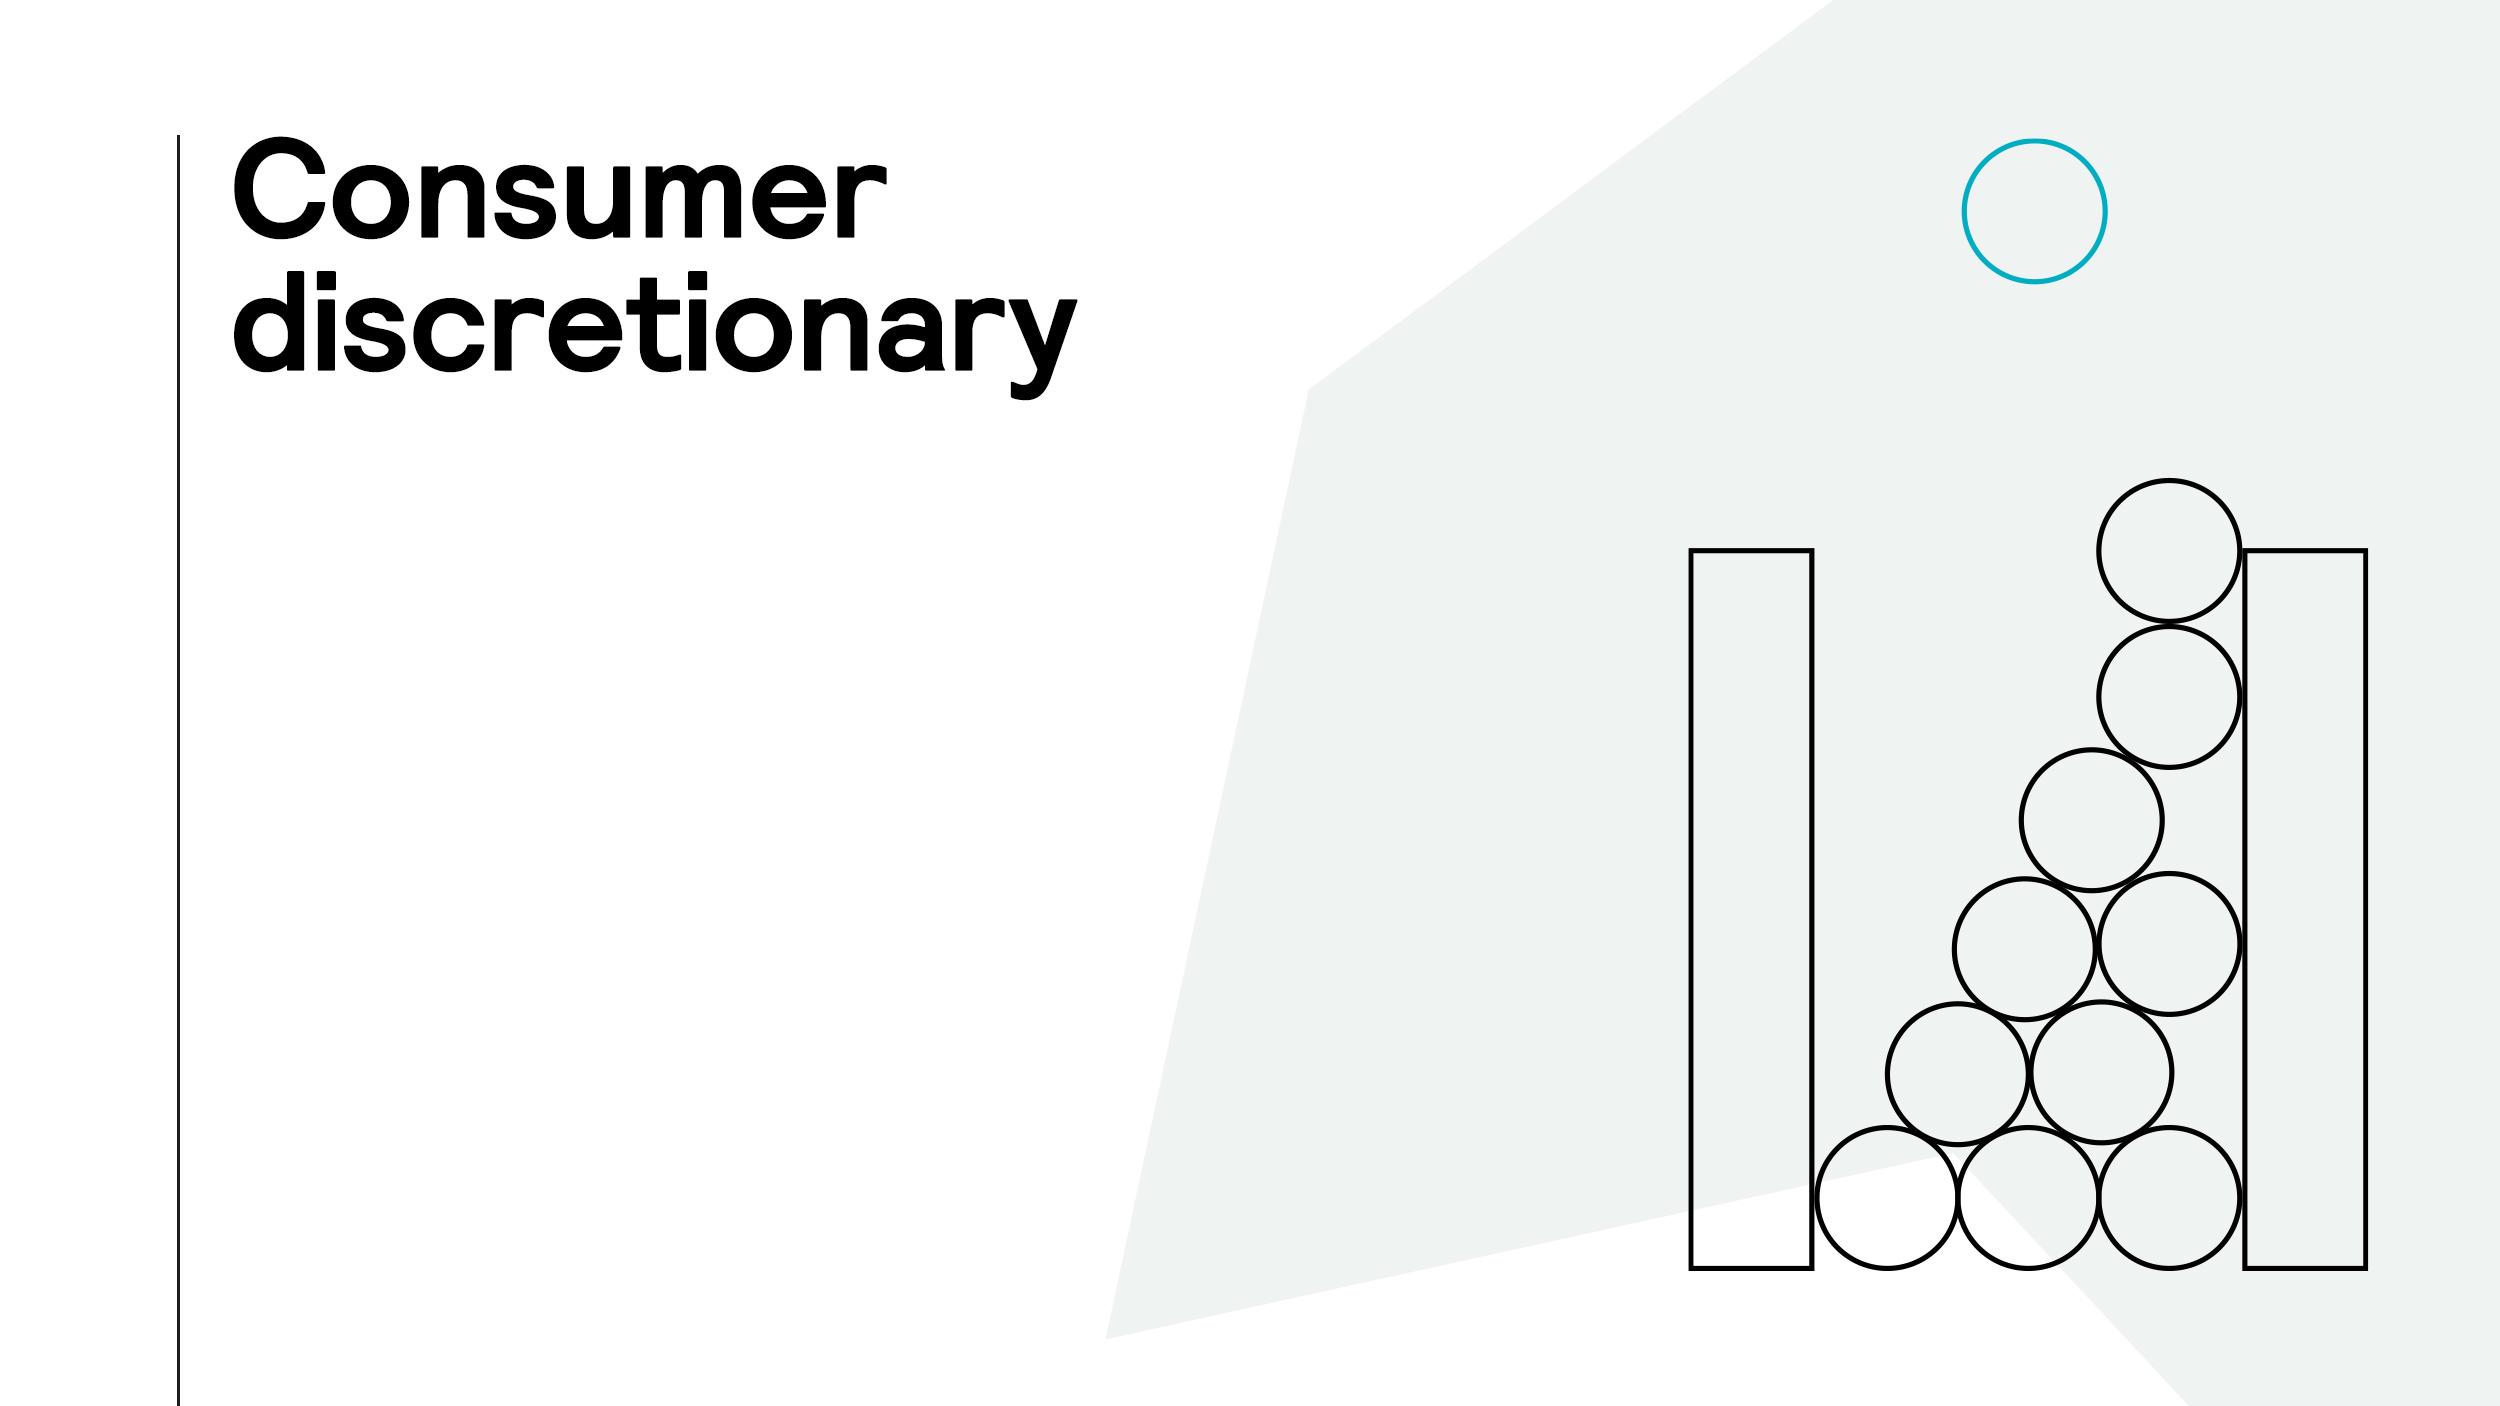 Future Brand Index 2021 Consumer discretionary